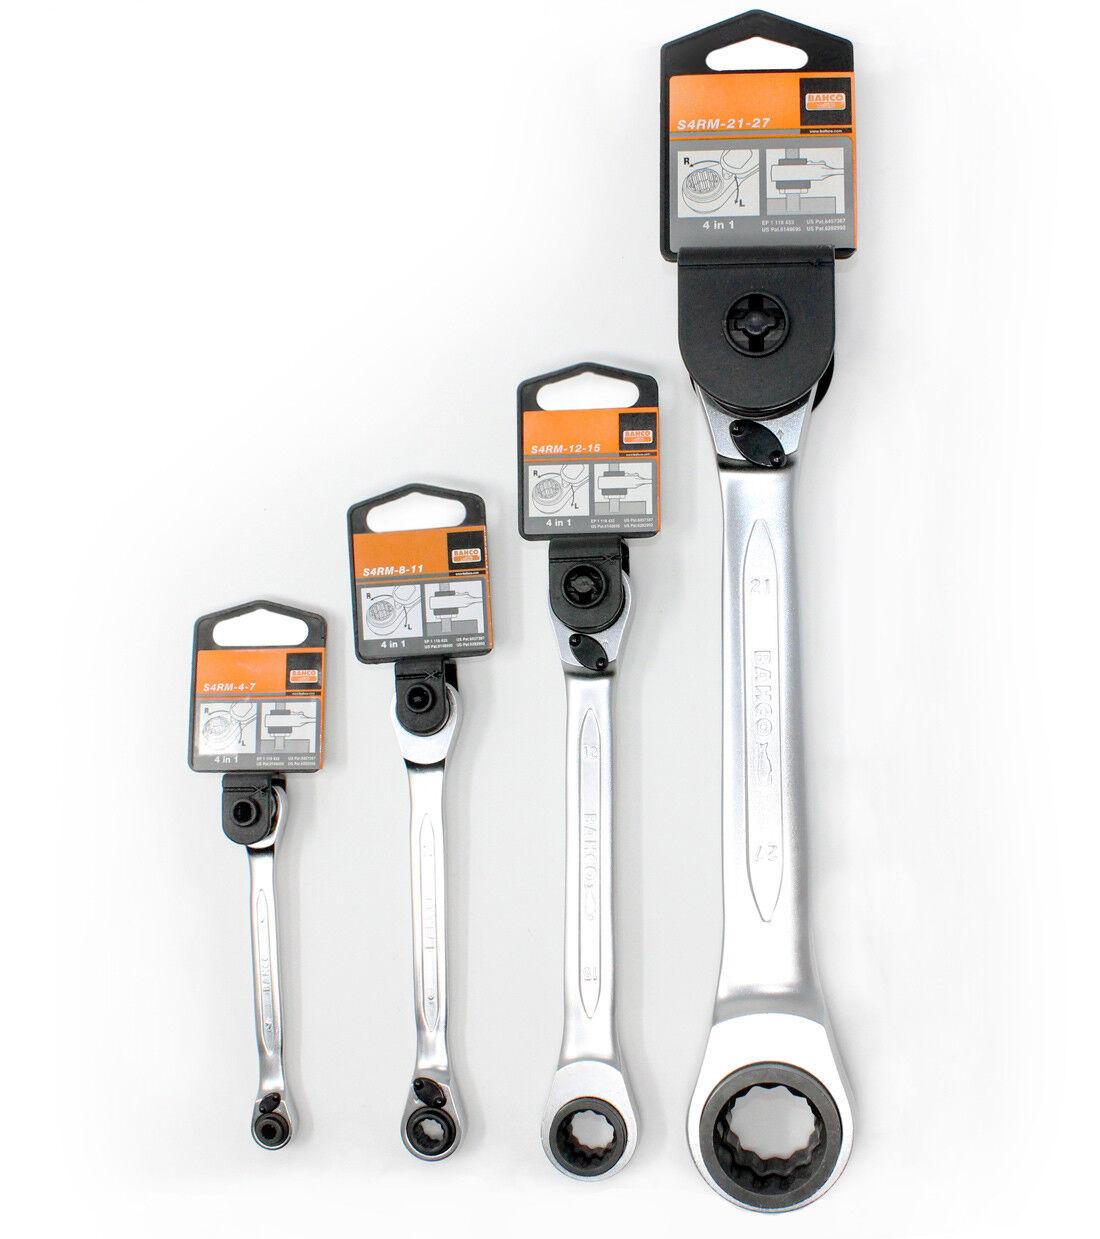 BAHCO Vierfach-Knarren-Ringschlüssel ++ AUSWAHL++ Ratschenschlüssel S4RM